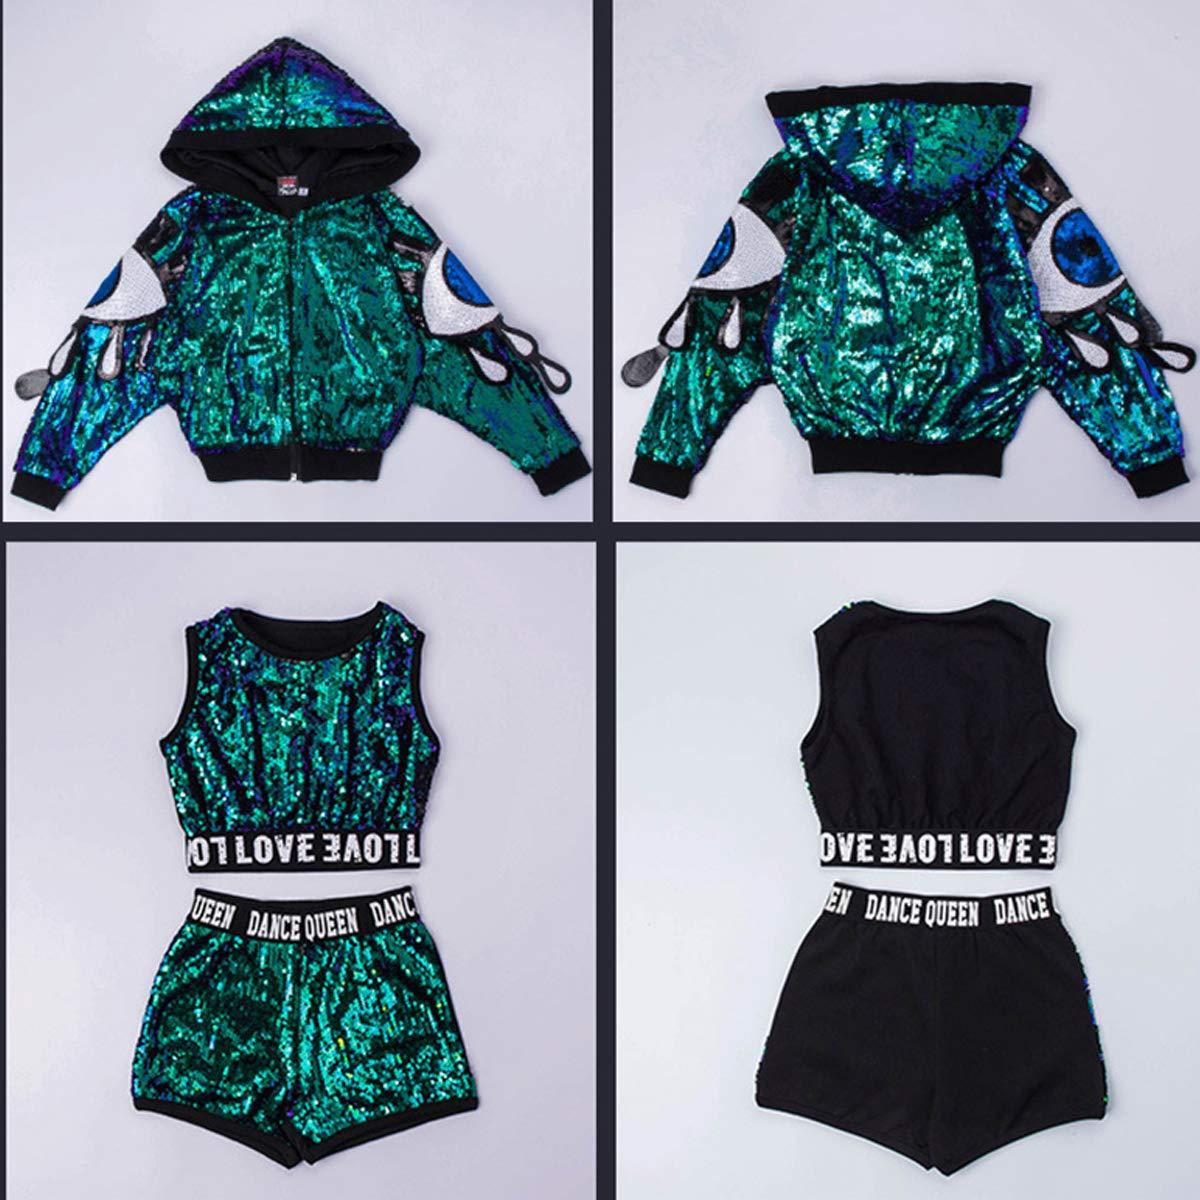 unbrand Trajes de los niños Niñas Moderno Jazz Hip-Hop Dancewear Ropa de  béisbol Lentejuelas Trajes de la Capa  Amazon.es  Deportes y aire libre e30cd611830